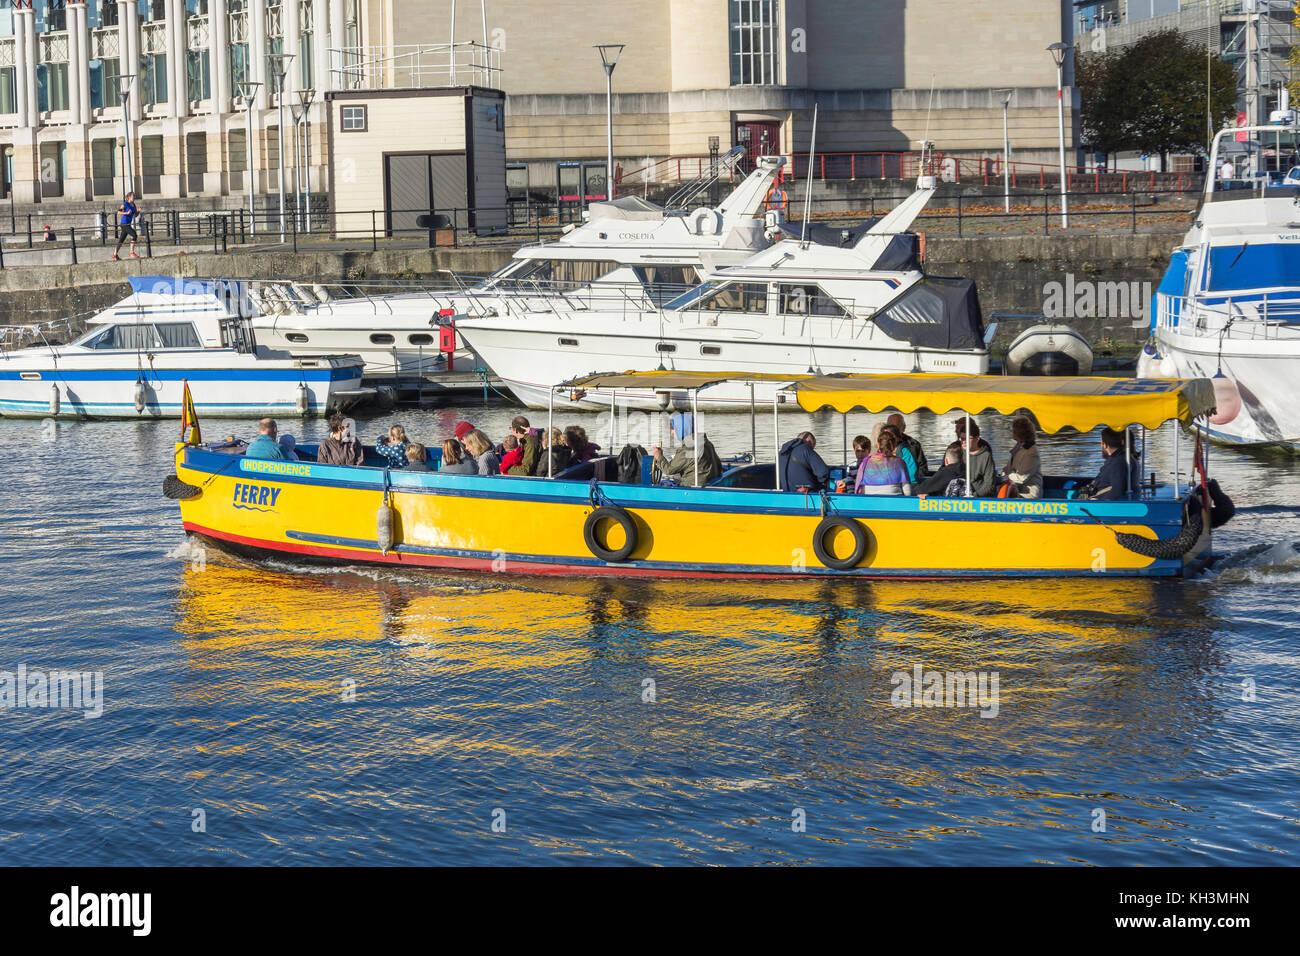 Bristol Ferryboat, Floating Harbour, Harbourside, Bristol, England, United Kingdom - Stock Image